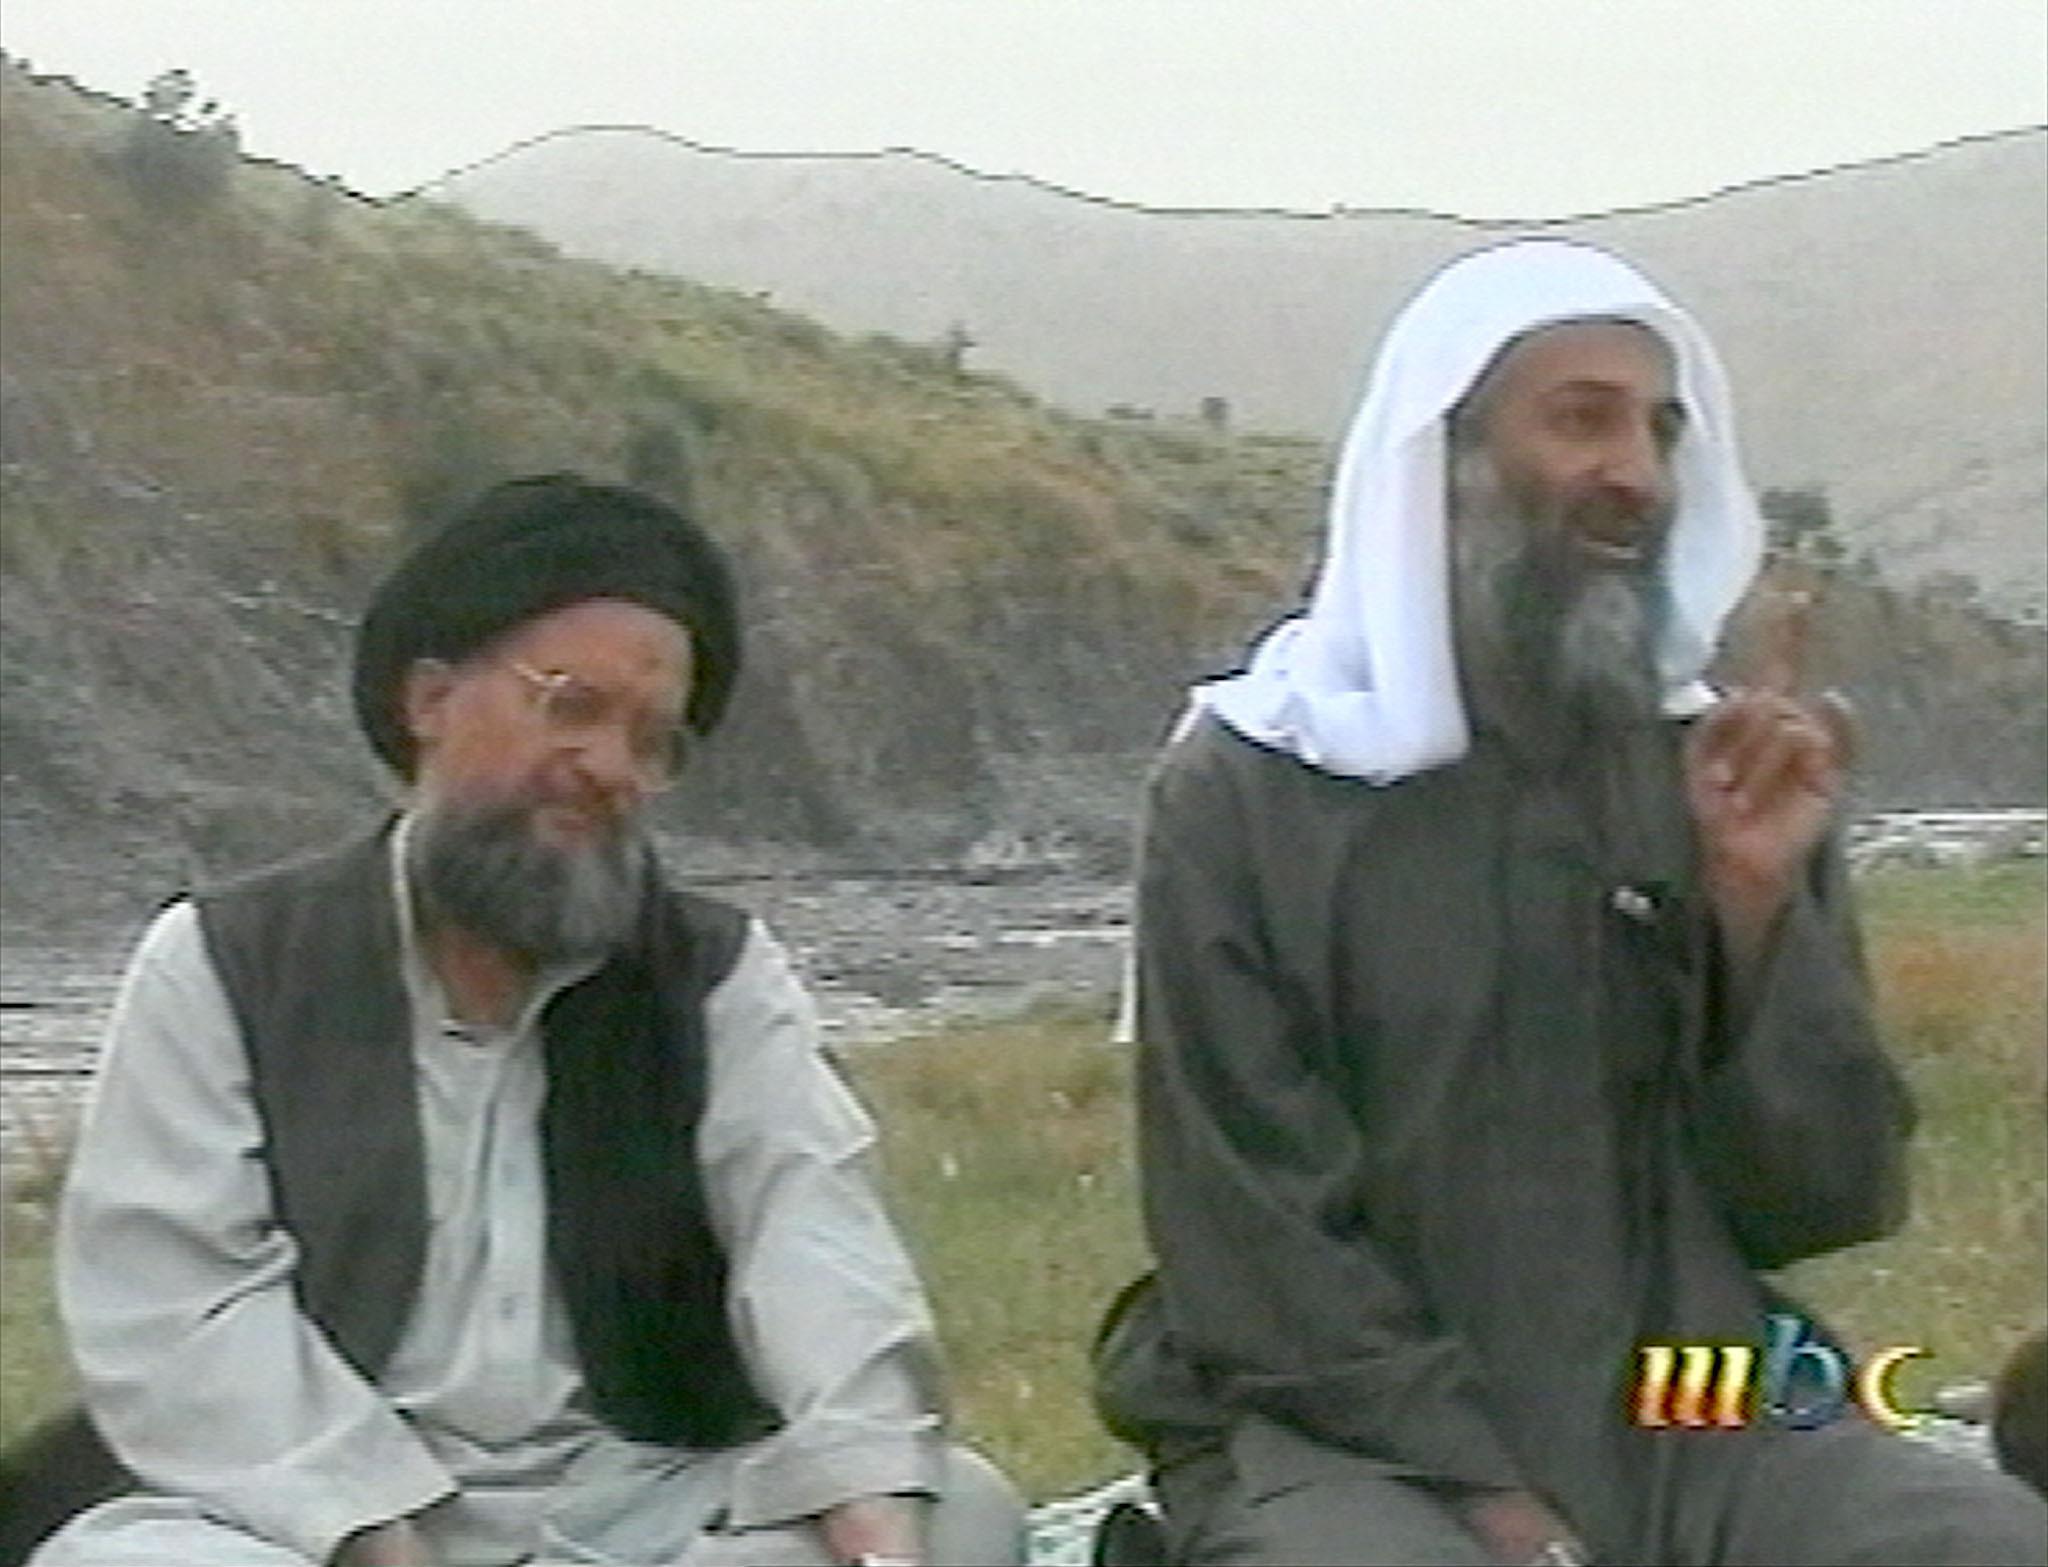 Jihad, history link Taliban to al-Qaida in Afghanistan